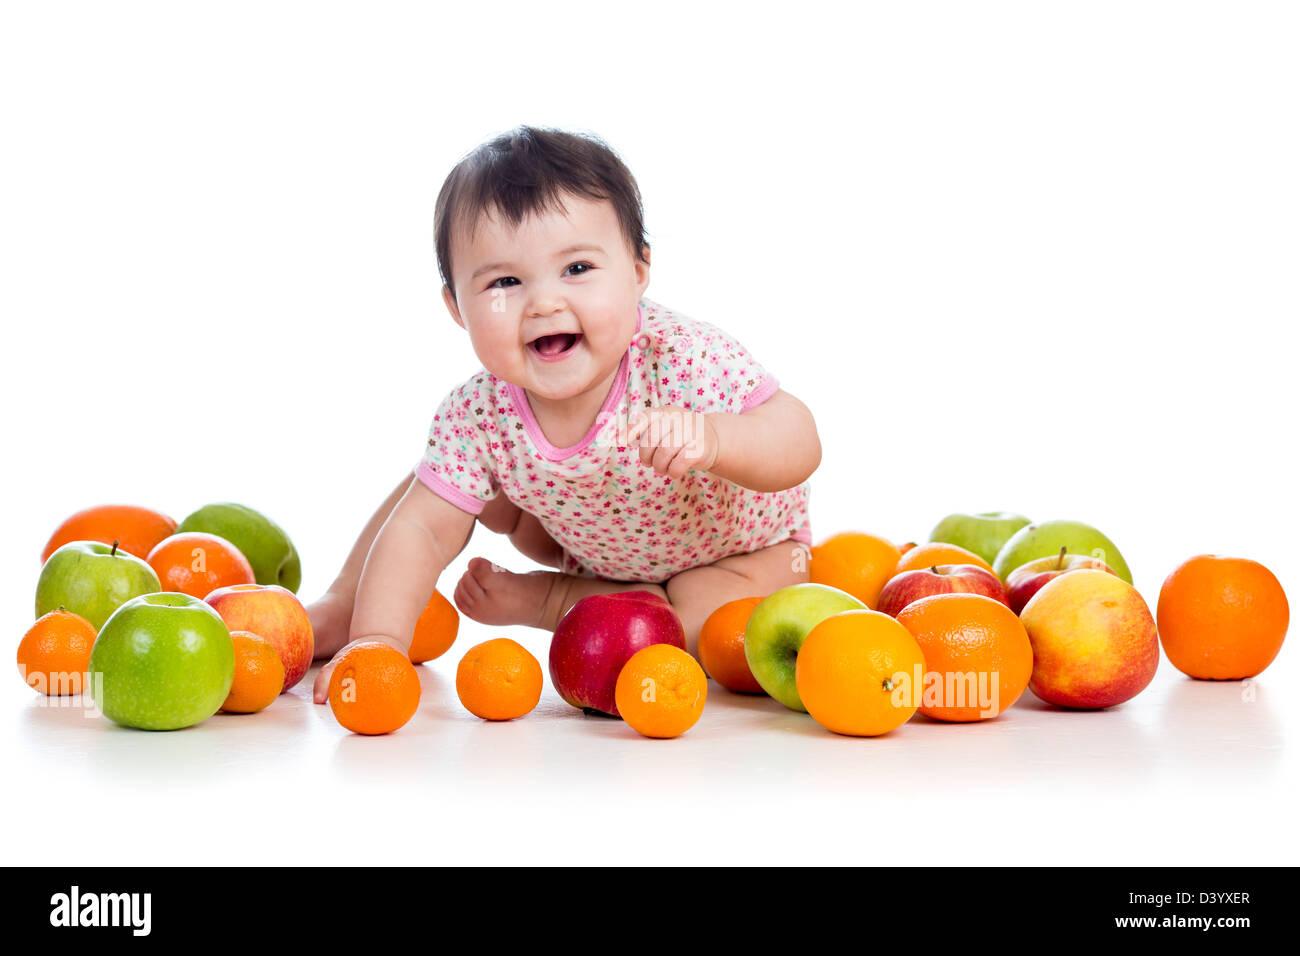 happy baby girl sitting among fresh fruits - Stock Image